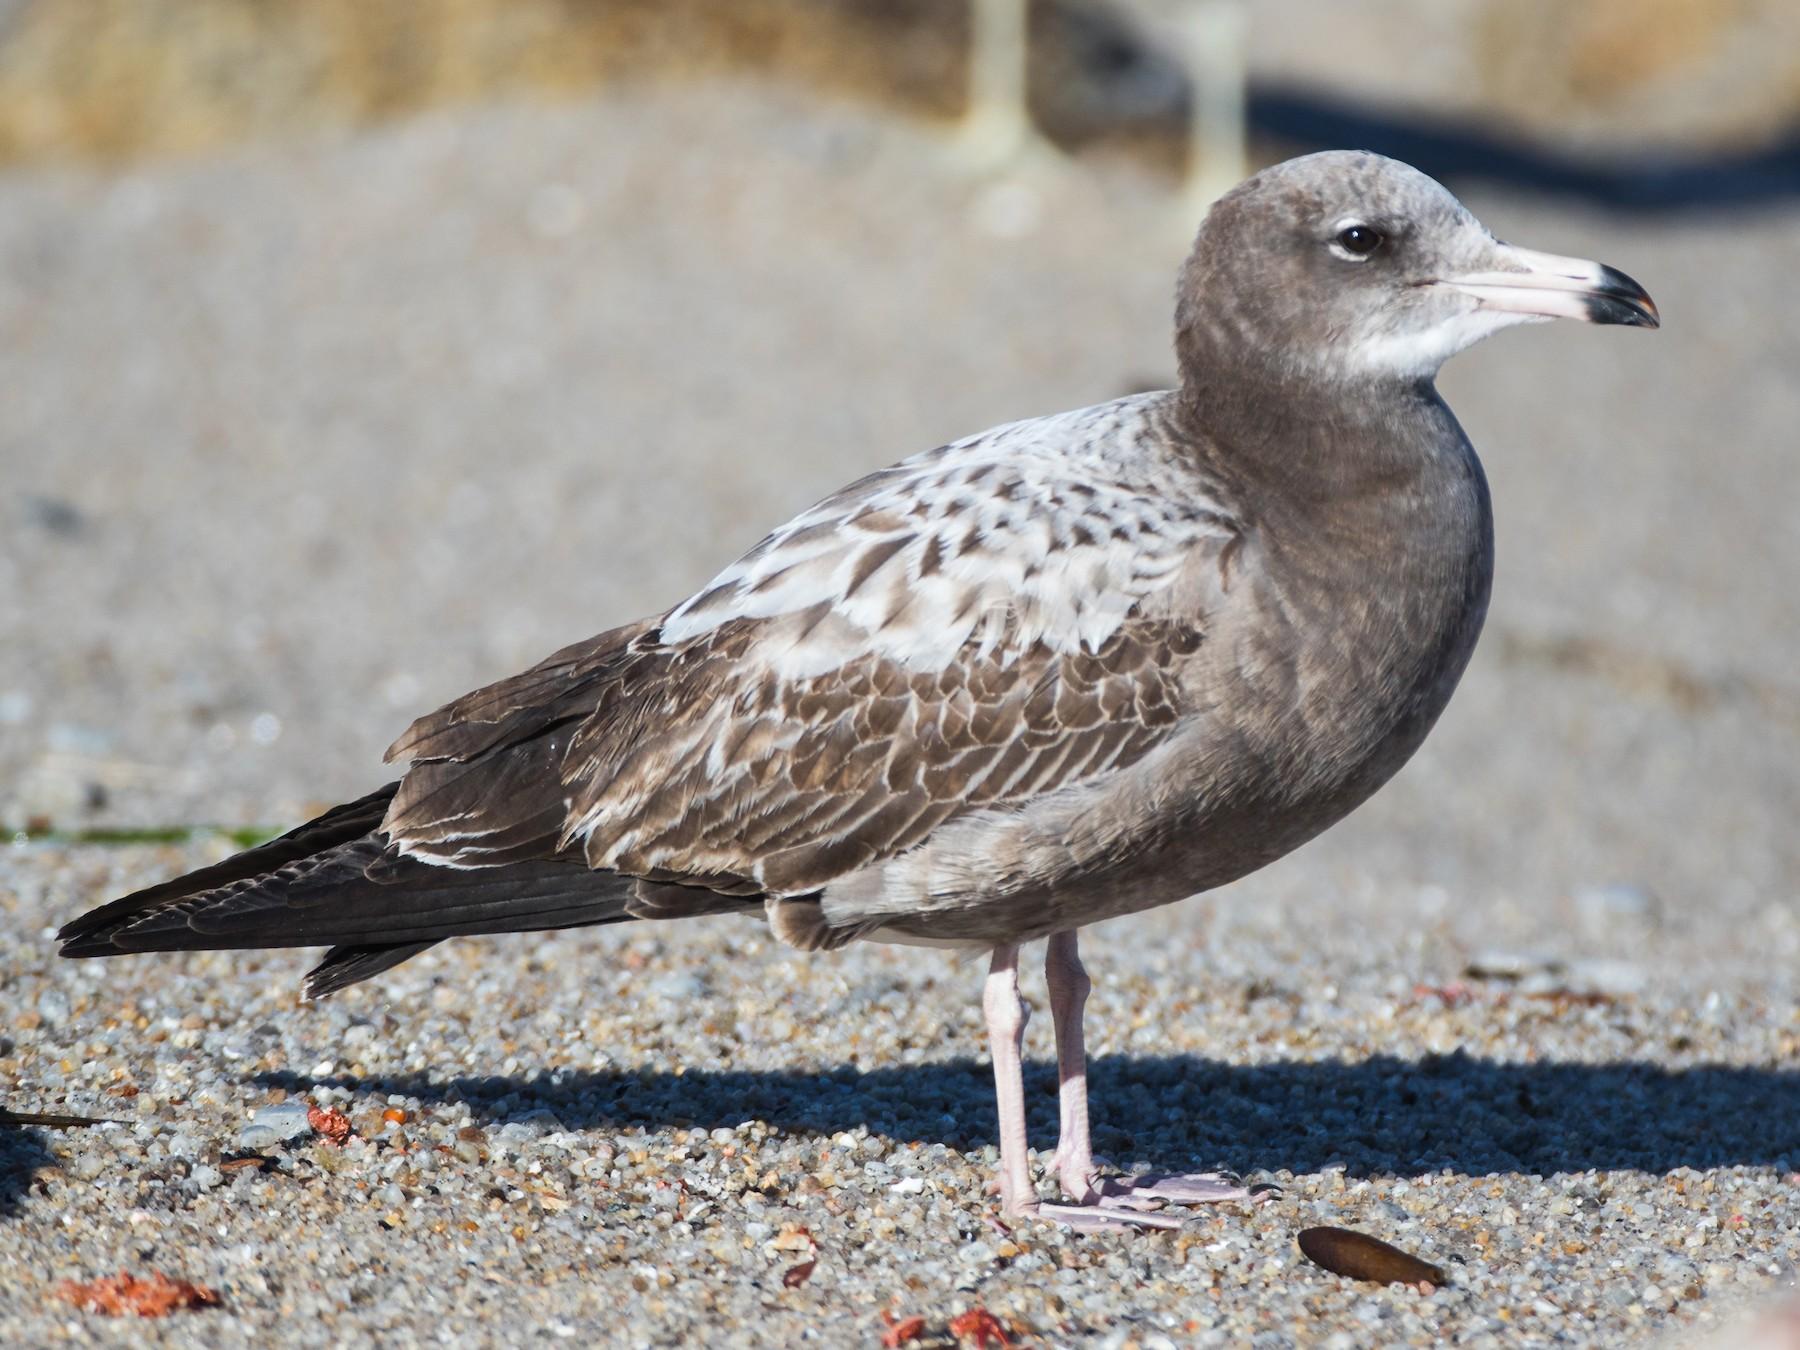 Black-tailed Gull - Blake Matheson